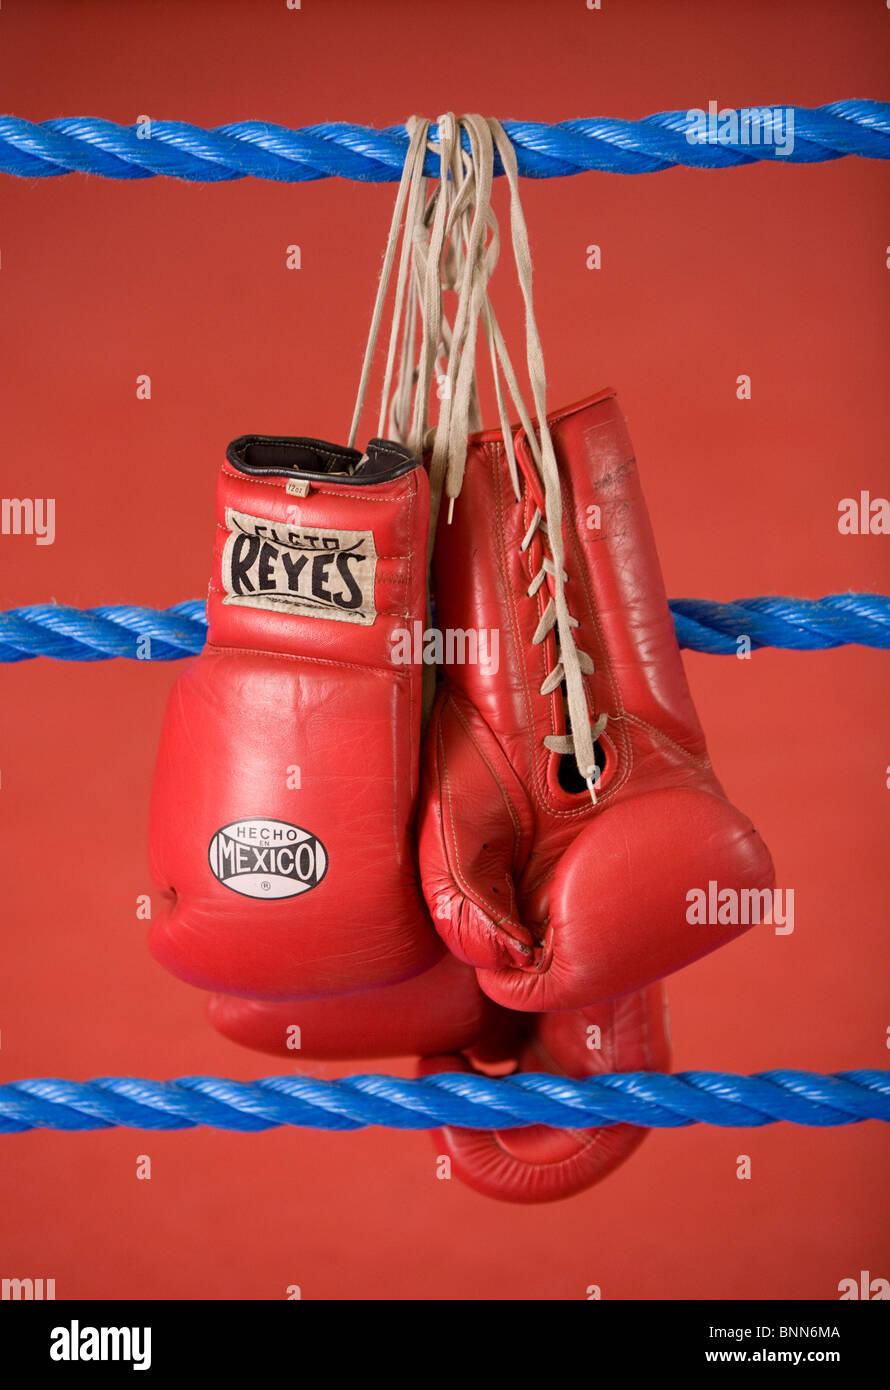 Guantes de boxeo rojo colgando de las cuerdas de un cuadrilátero de boxeo. Fotografía por James Boardman Imagen De Stock